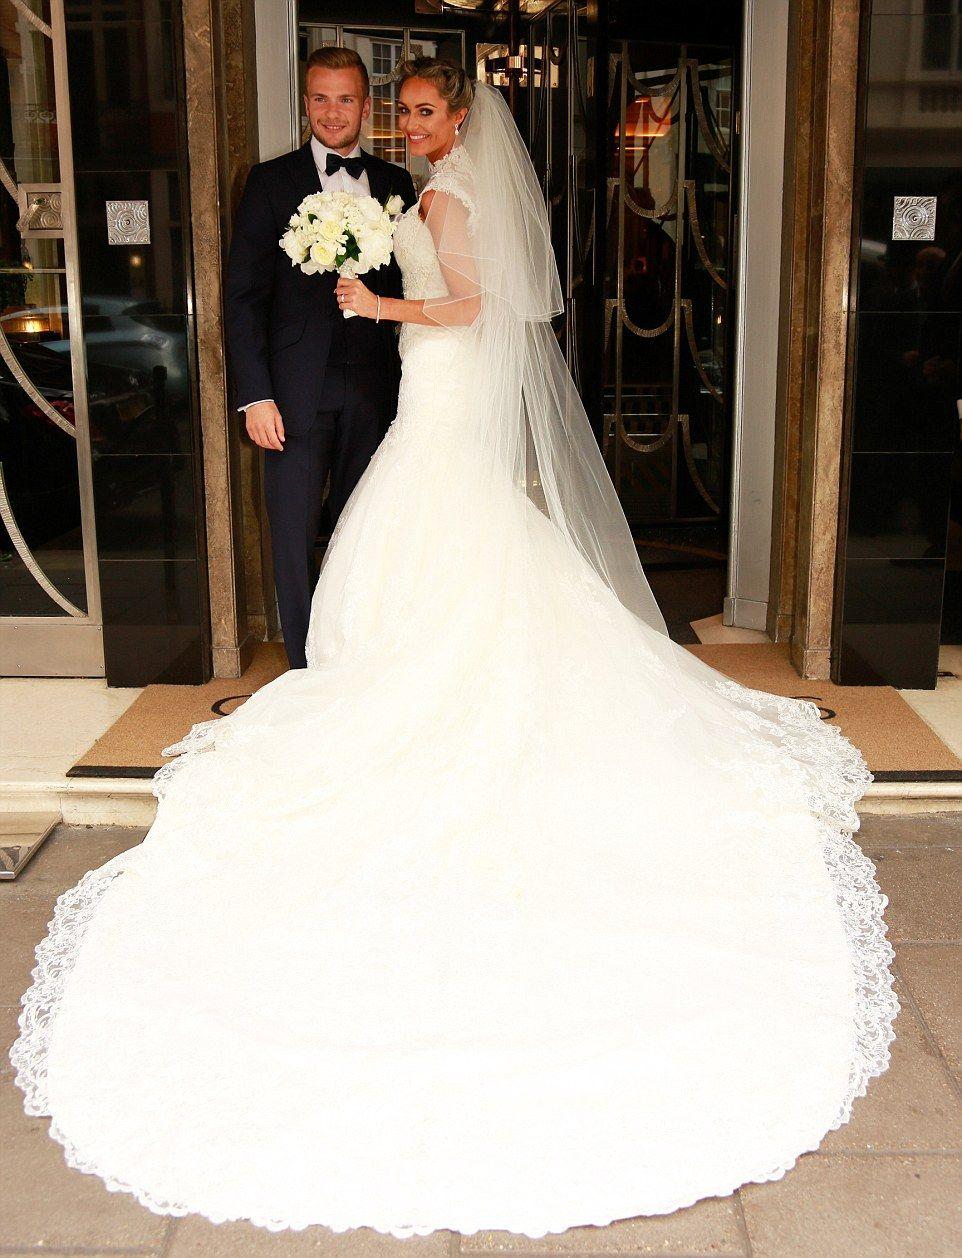 Tom Cleverley marries TOWIE star Georgina Dorsett | Towie stars ...